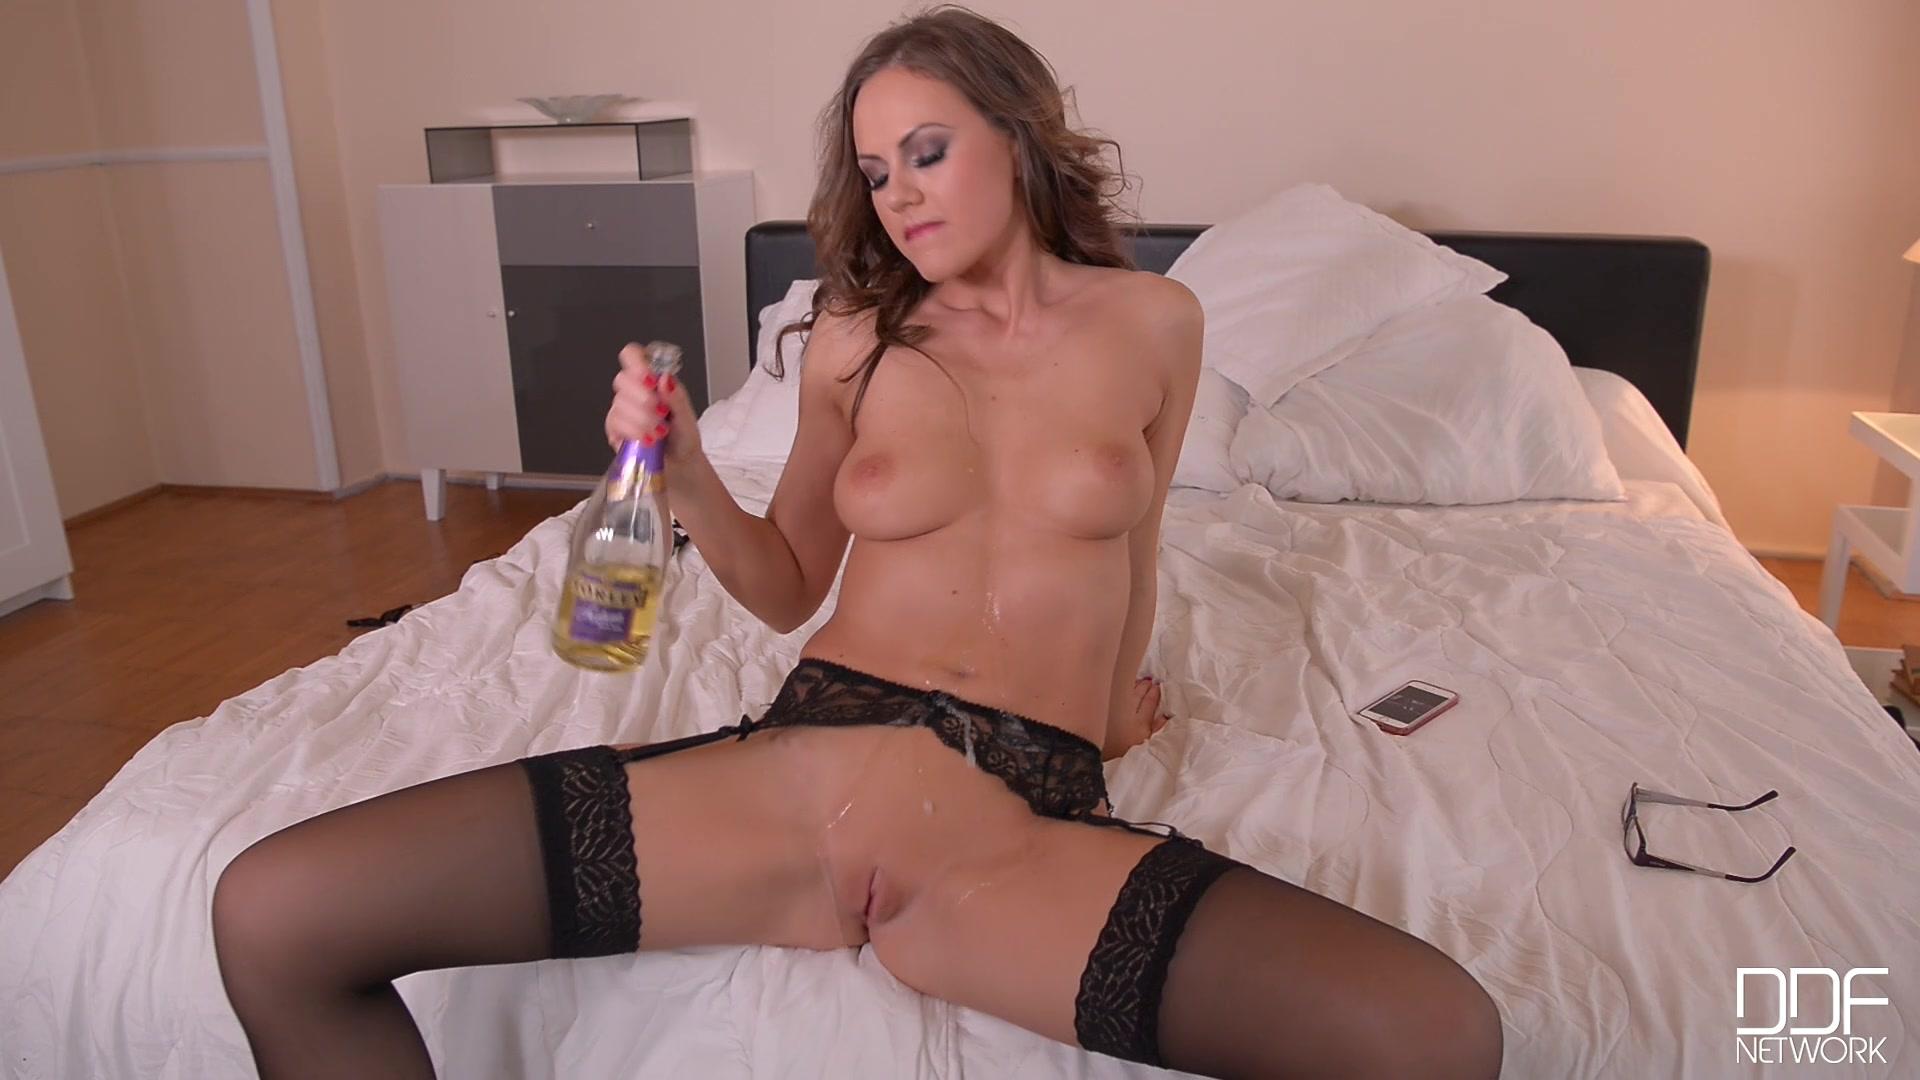 Вечерком На Даче Мужик Трахает Свою Голую Жену Порно И Секс Фото С Голыми Девушками И Парнями